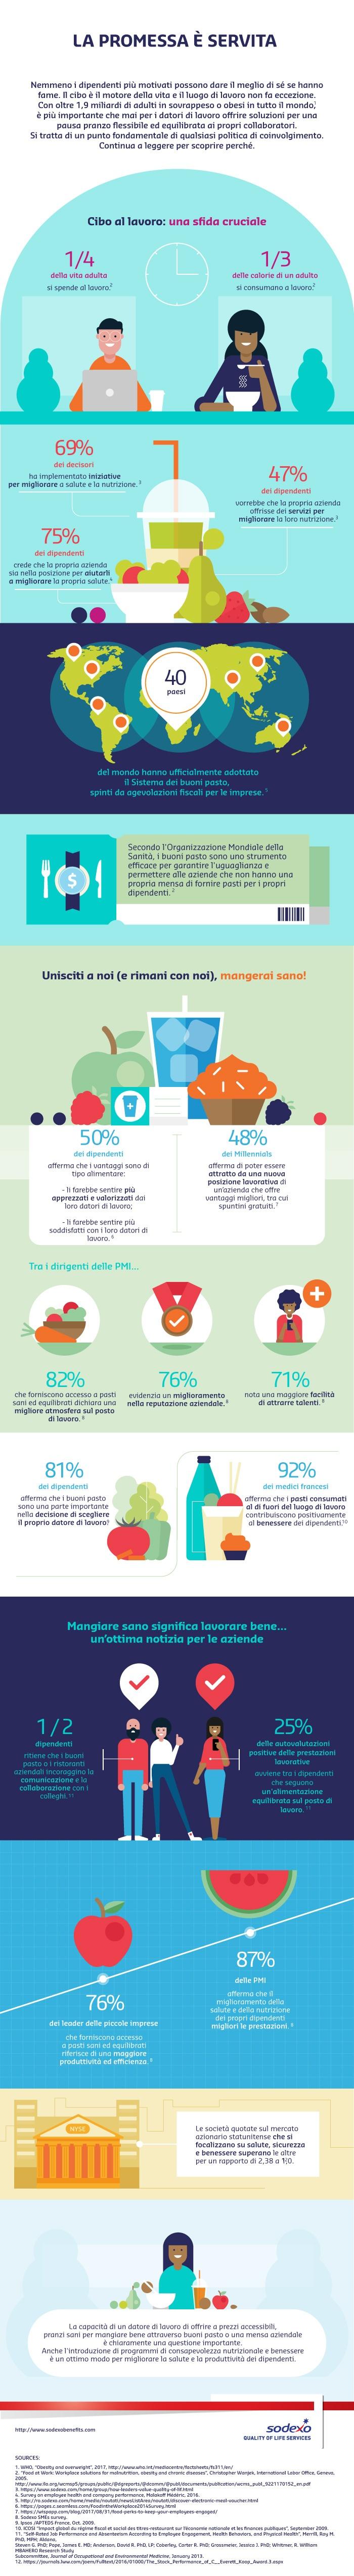 infografica la promessa è servita